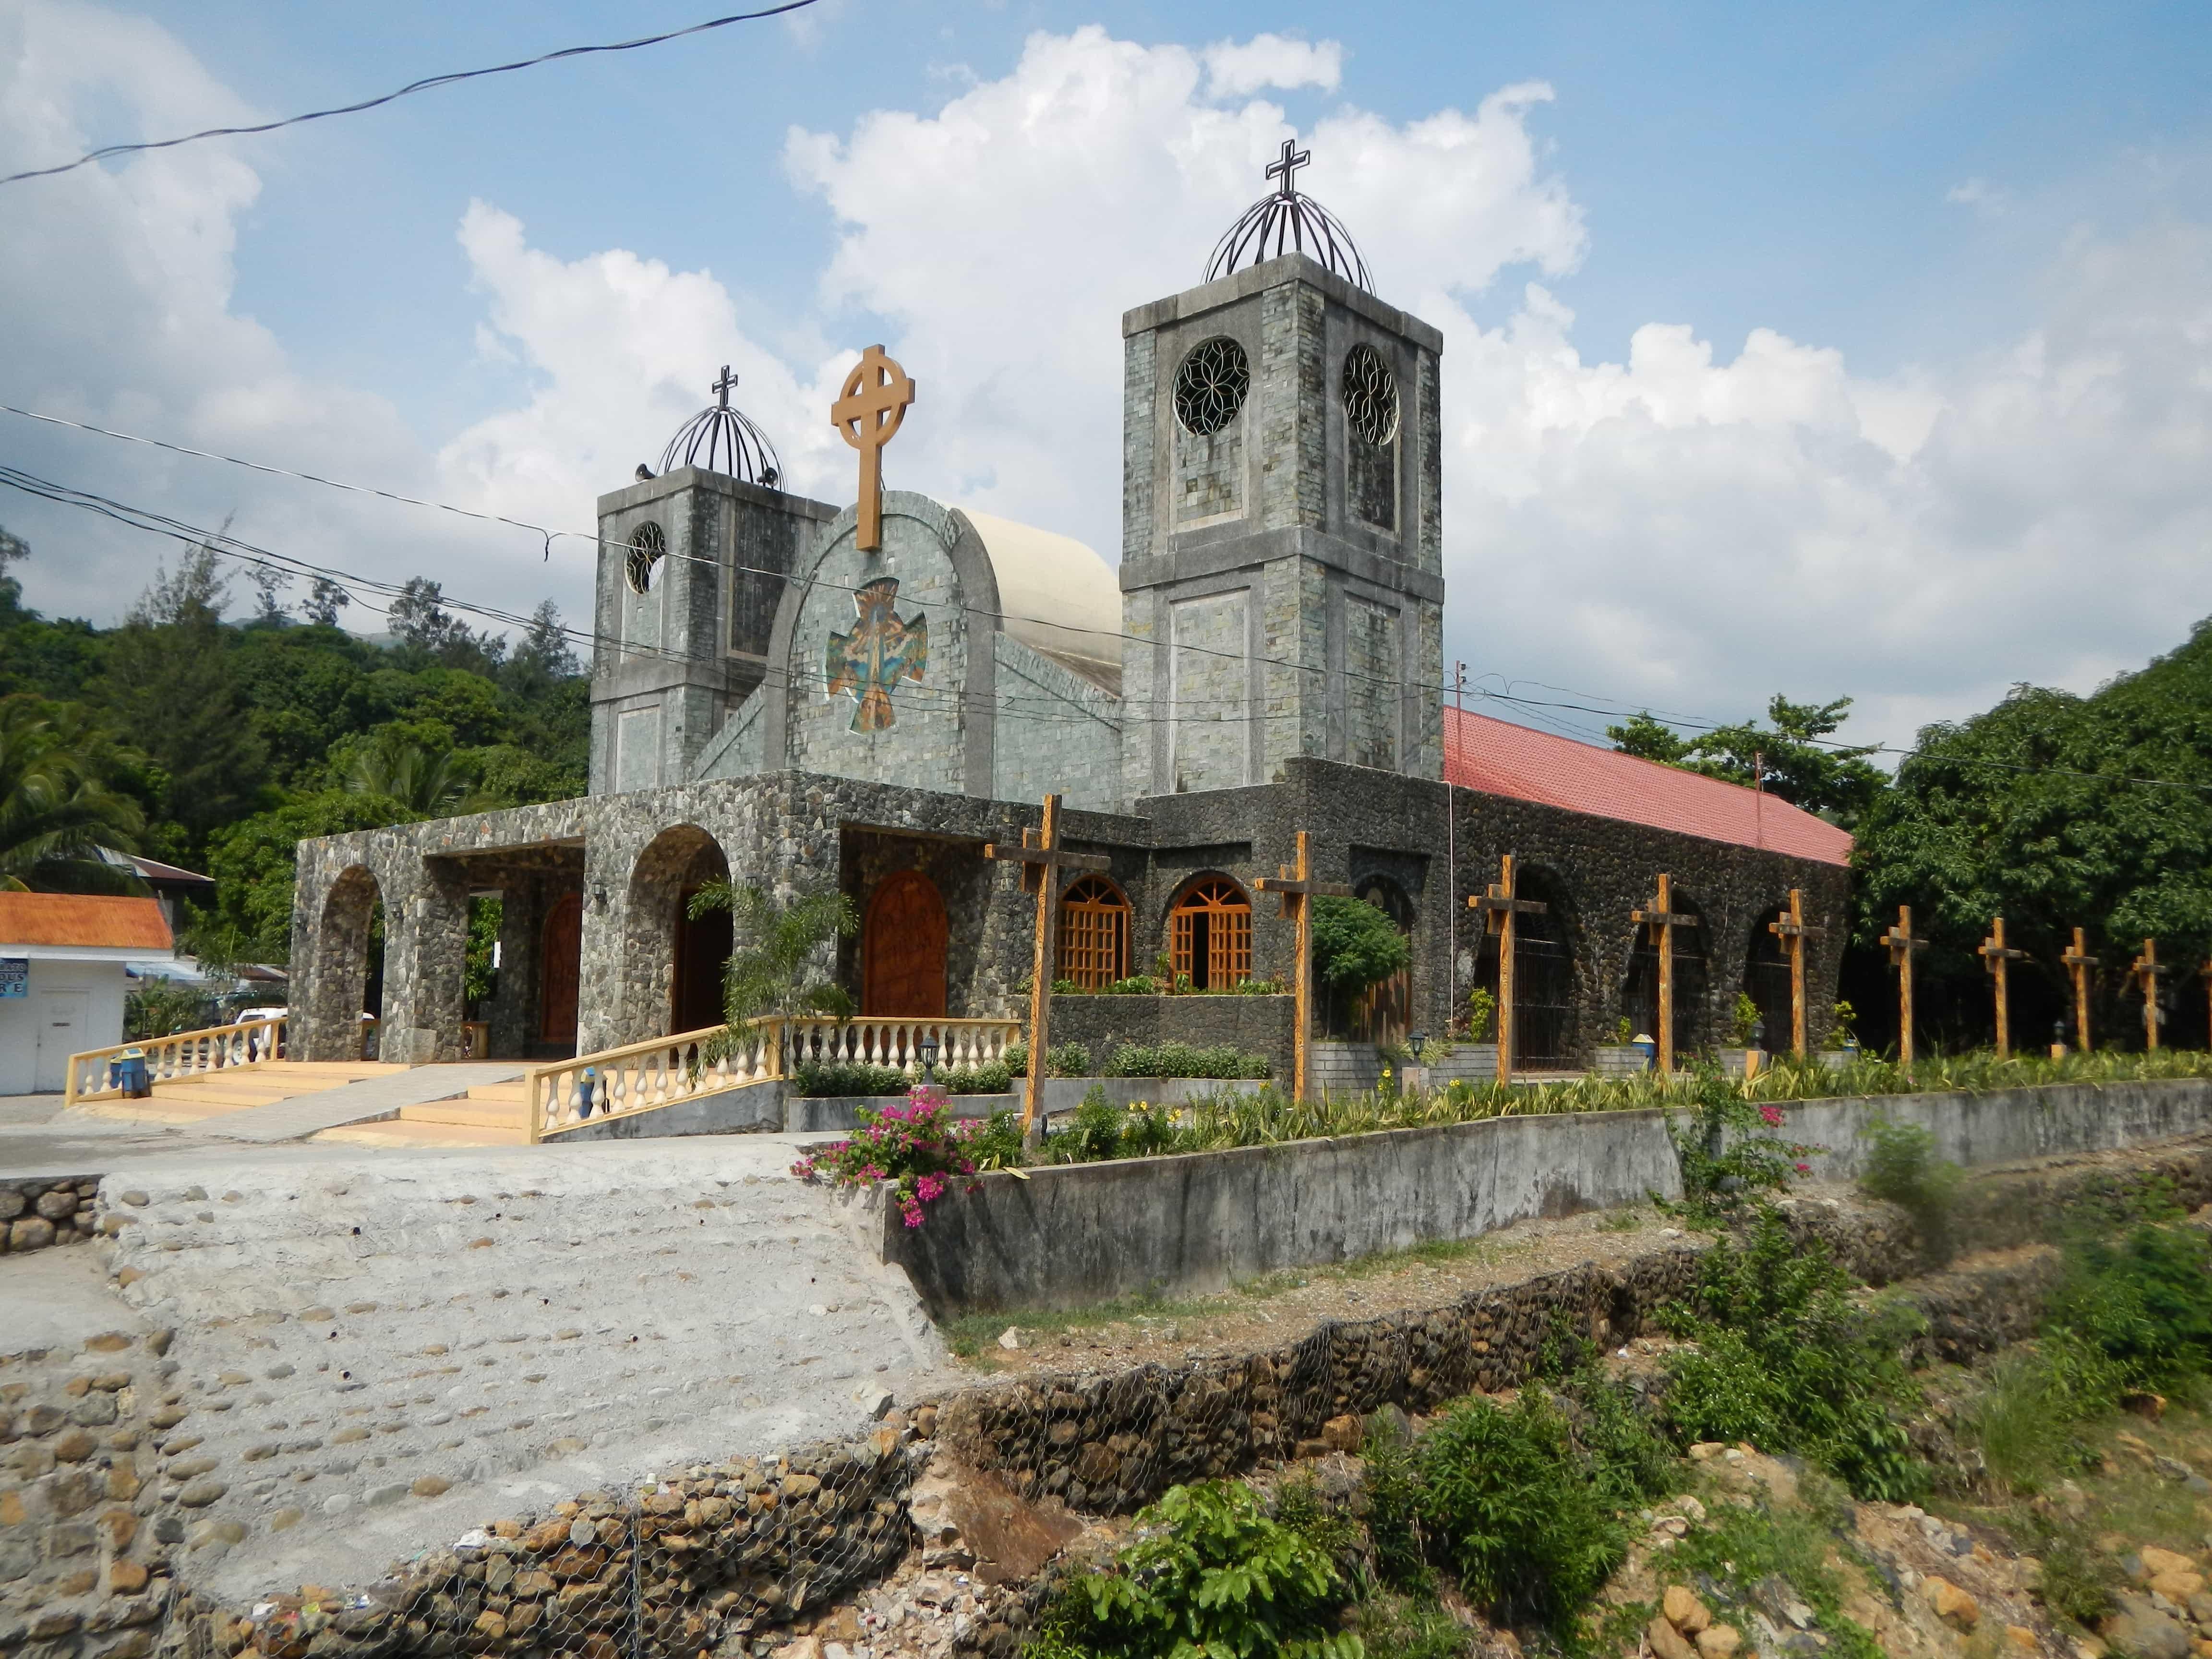 Zambales, Zambales Tourist spots, Things to do in Zambales, Botolan Resettlement sites